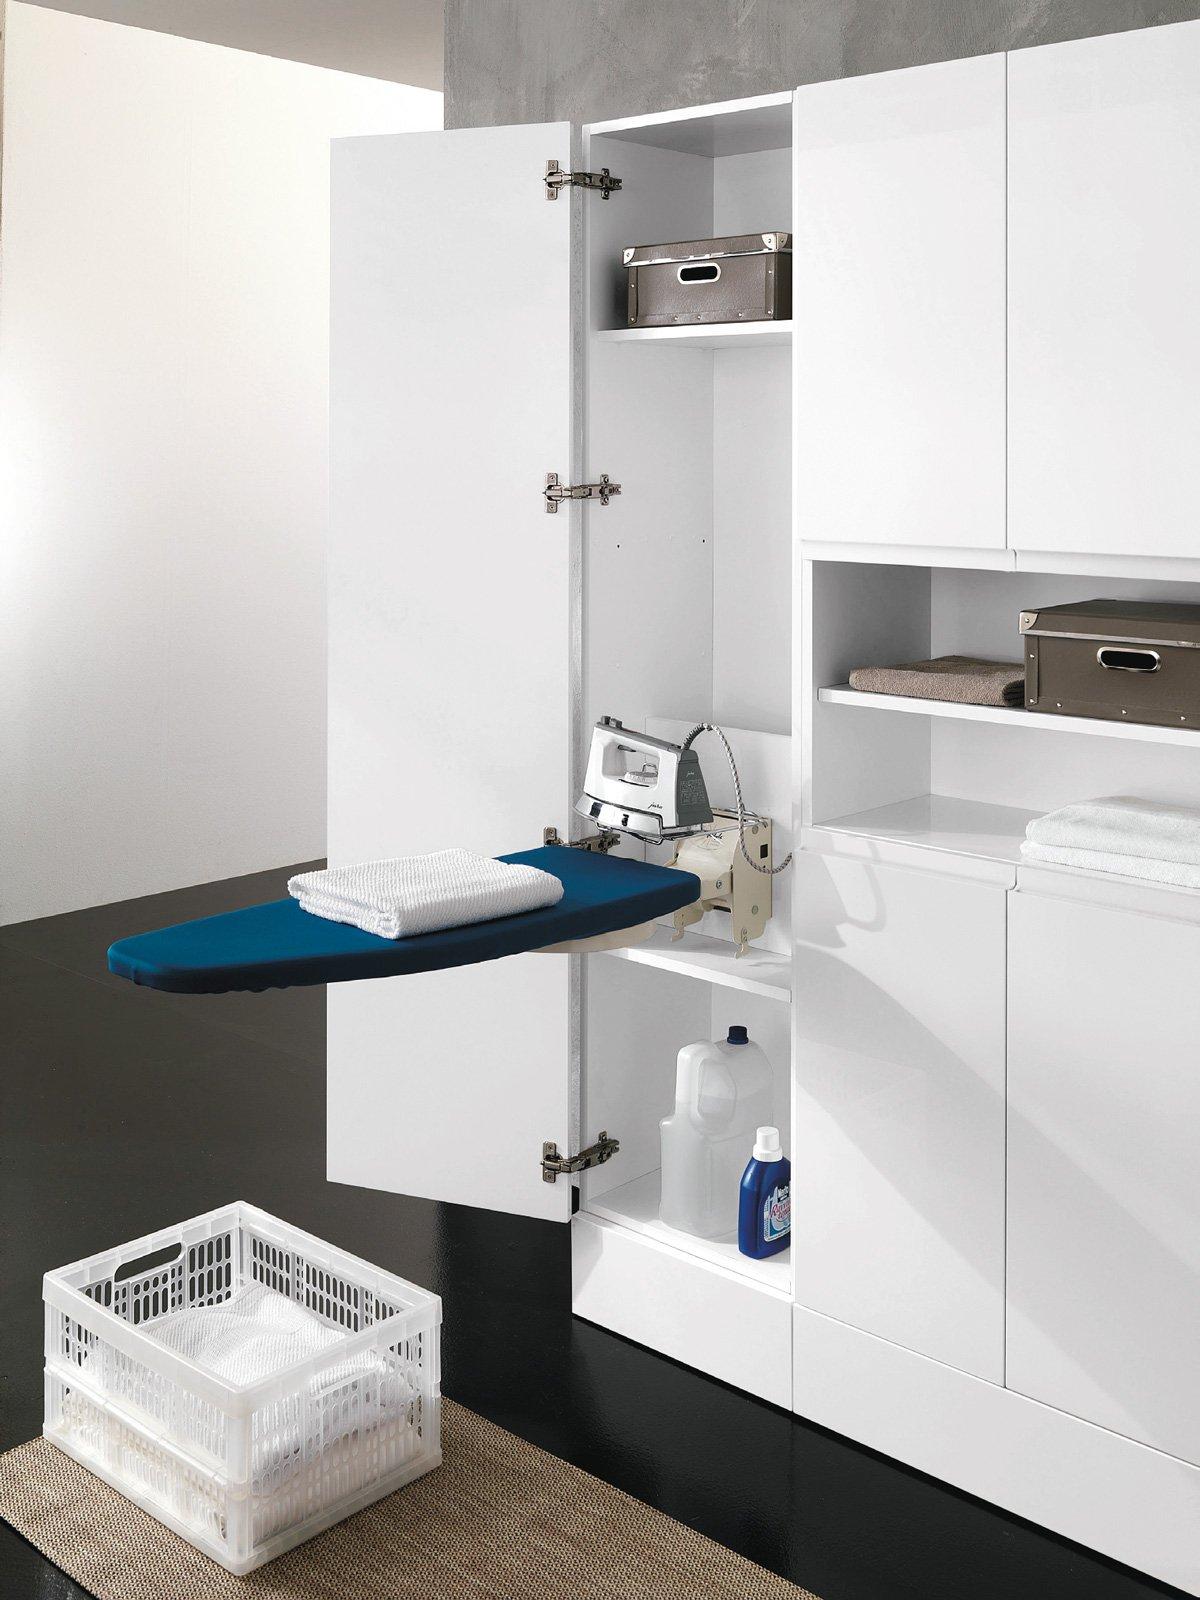 Lavanderia stireria tutto quel che serve cose di casa - Asse da stiro da parete ...